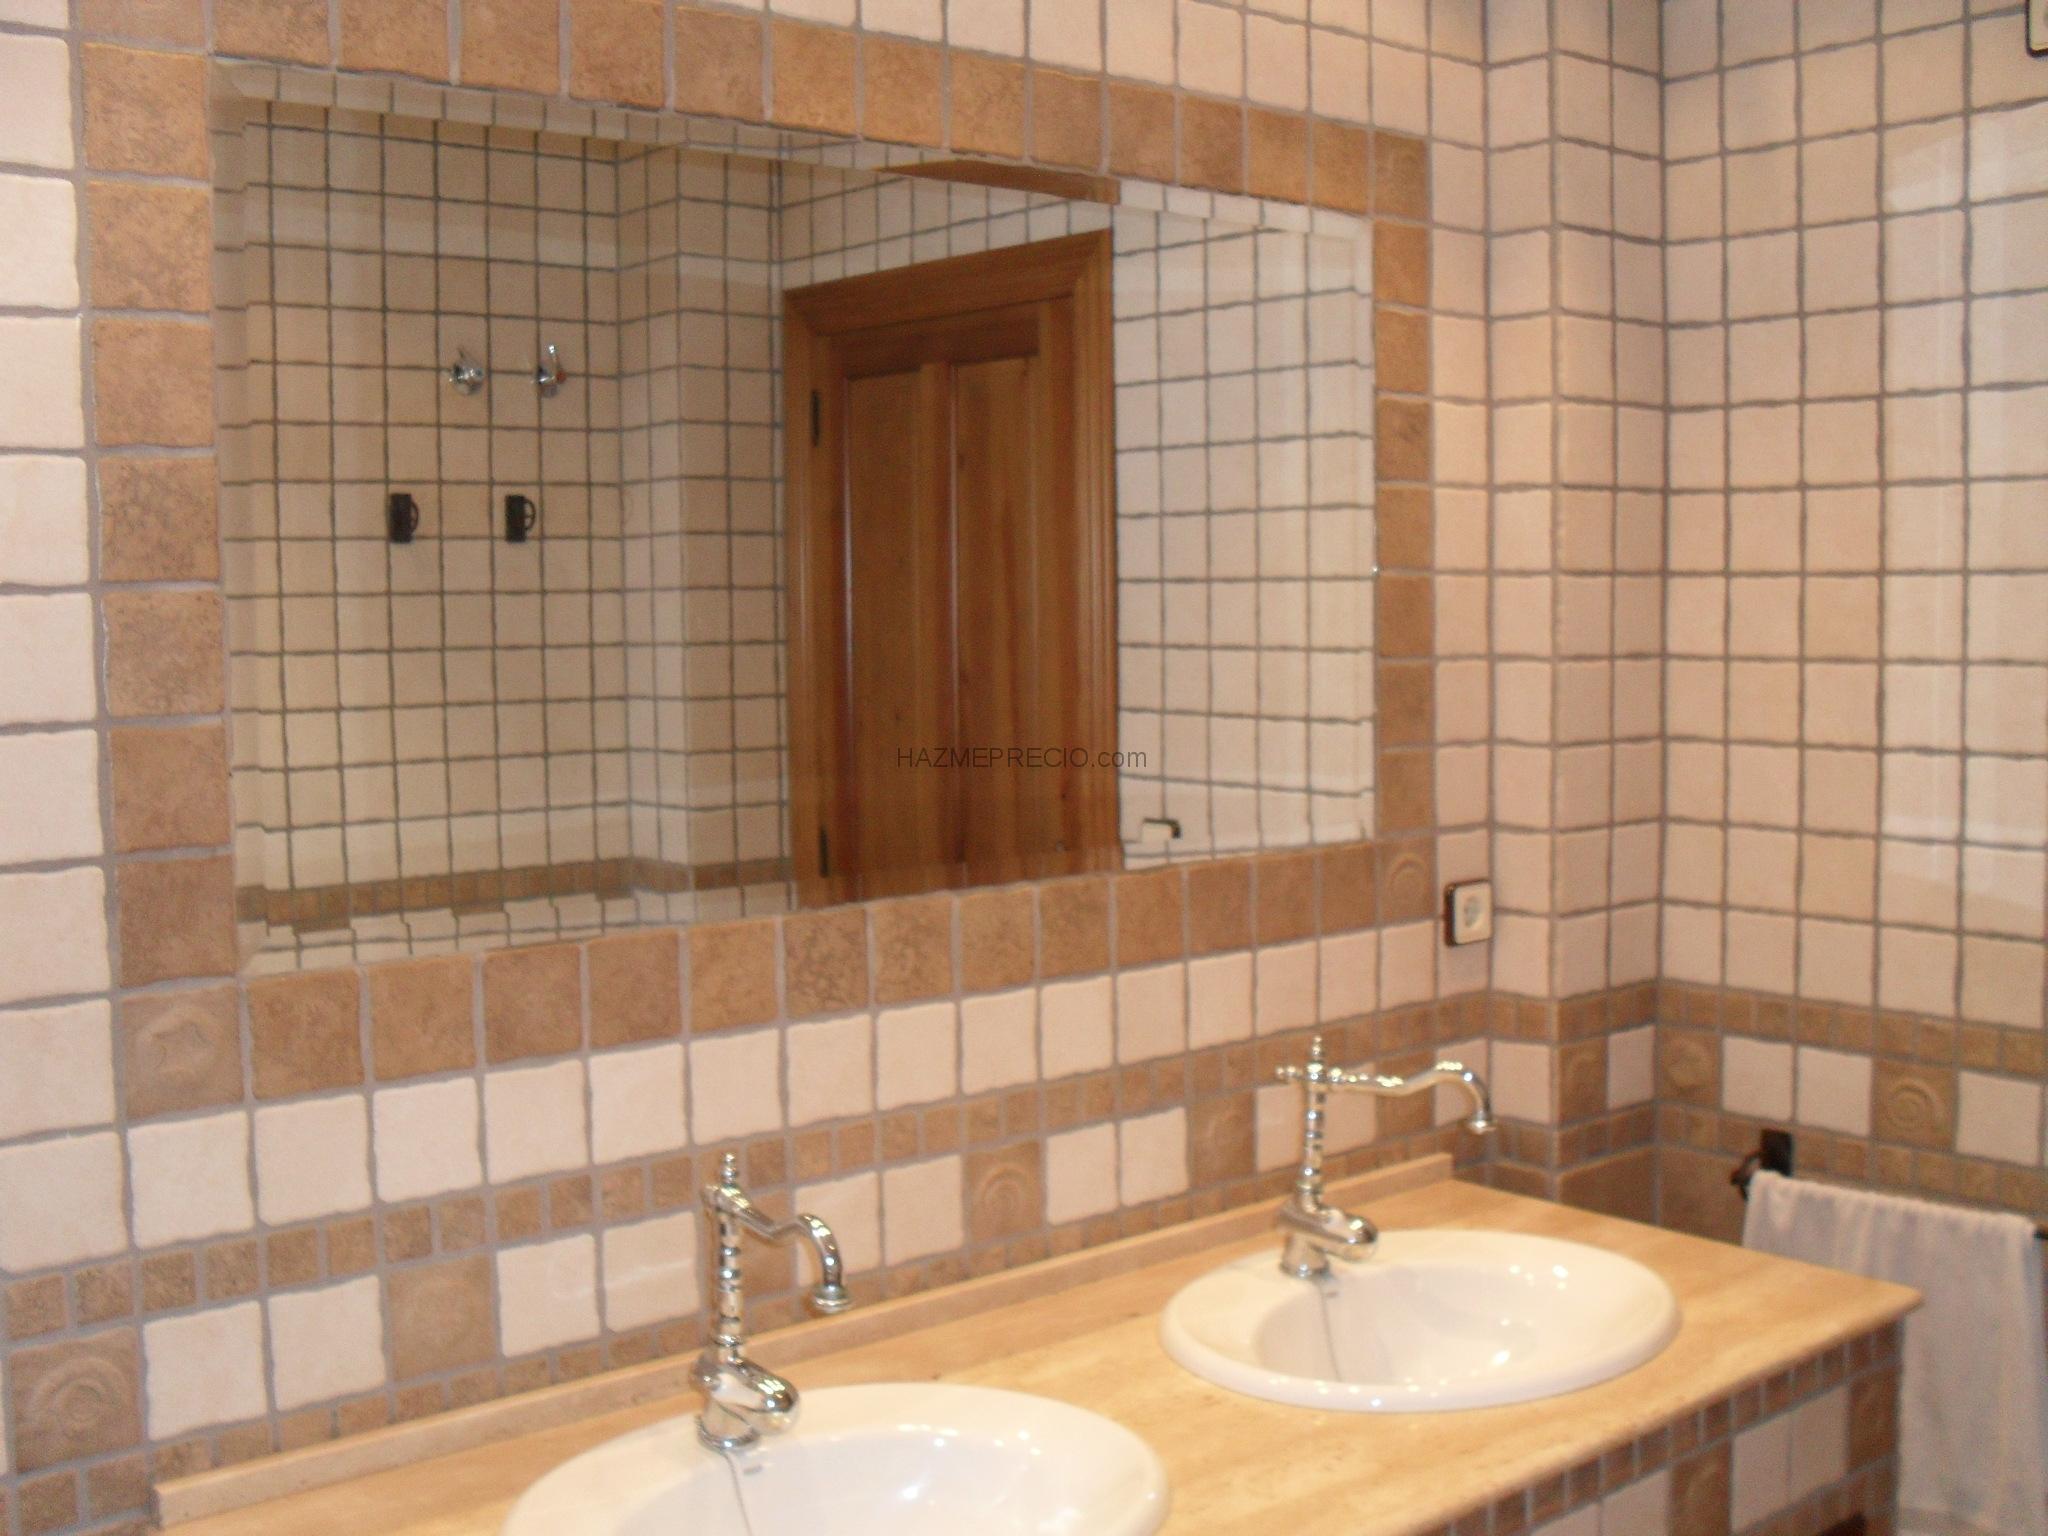 Reforma Baño Alicante:Reforma integral de baño para sustituir la bañera por un plato de